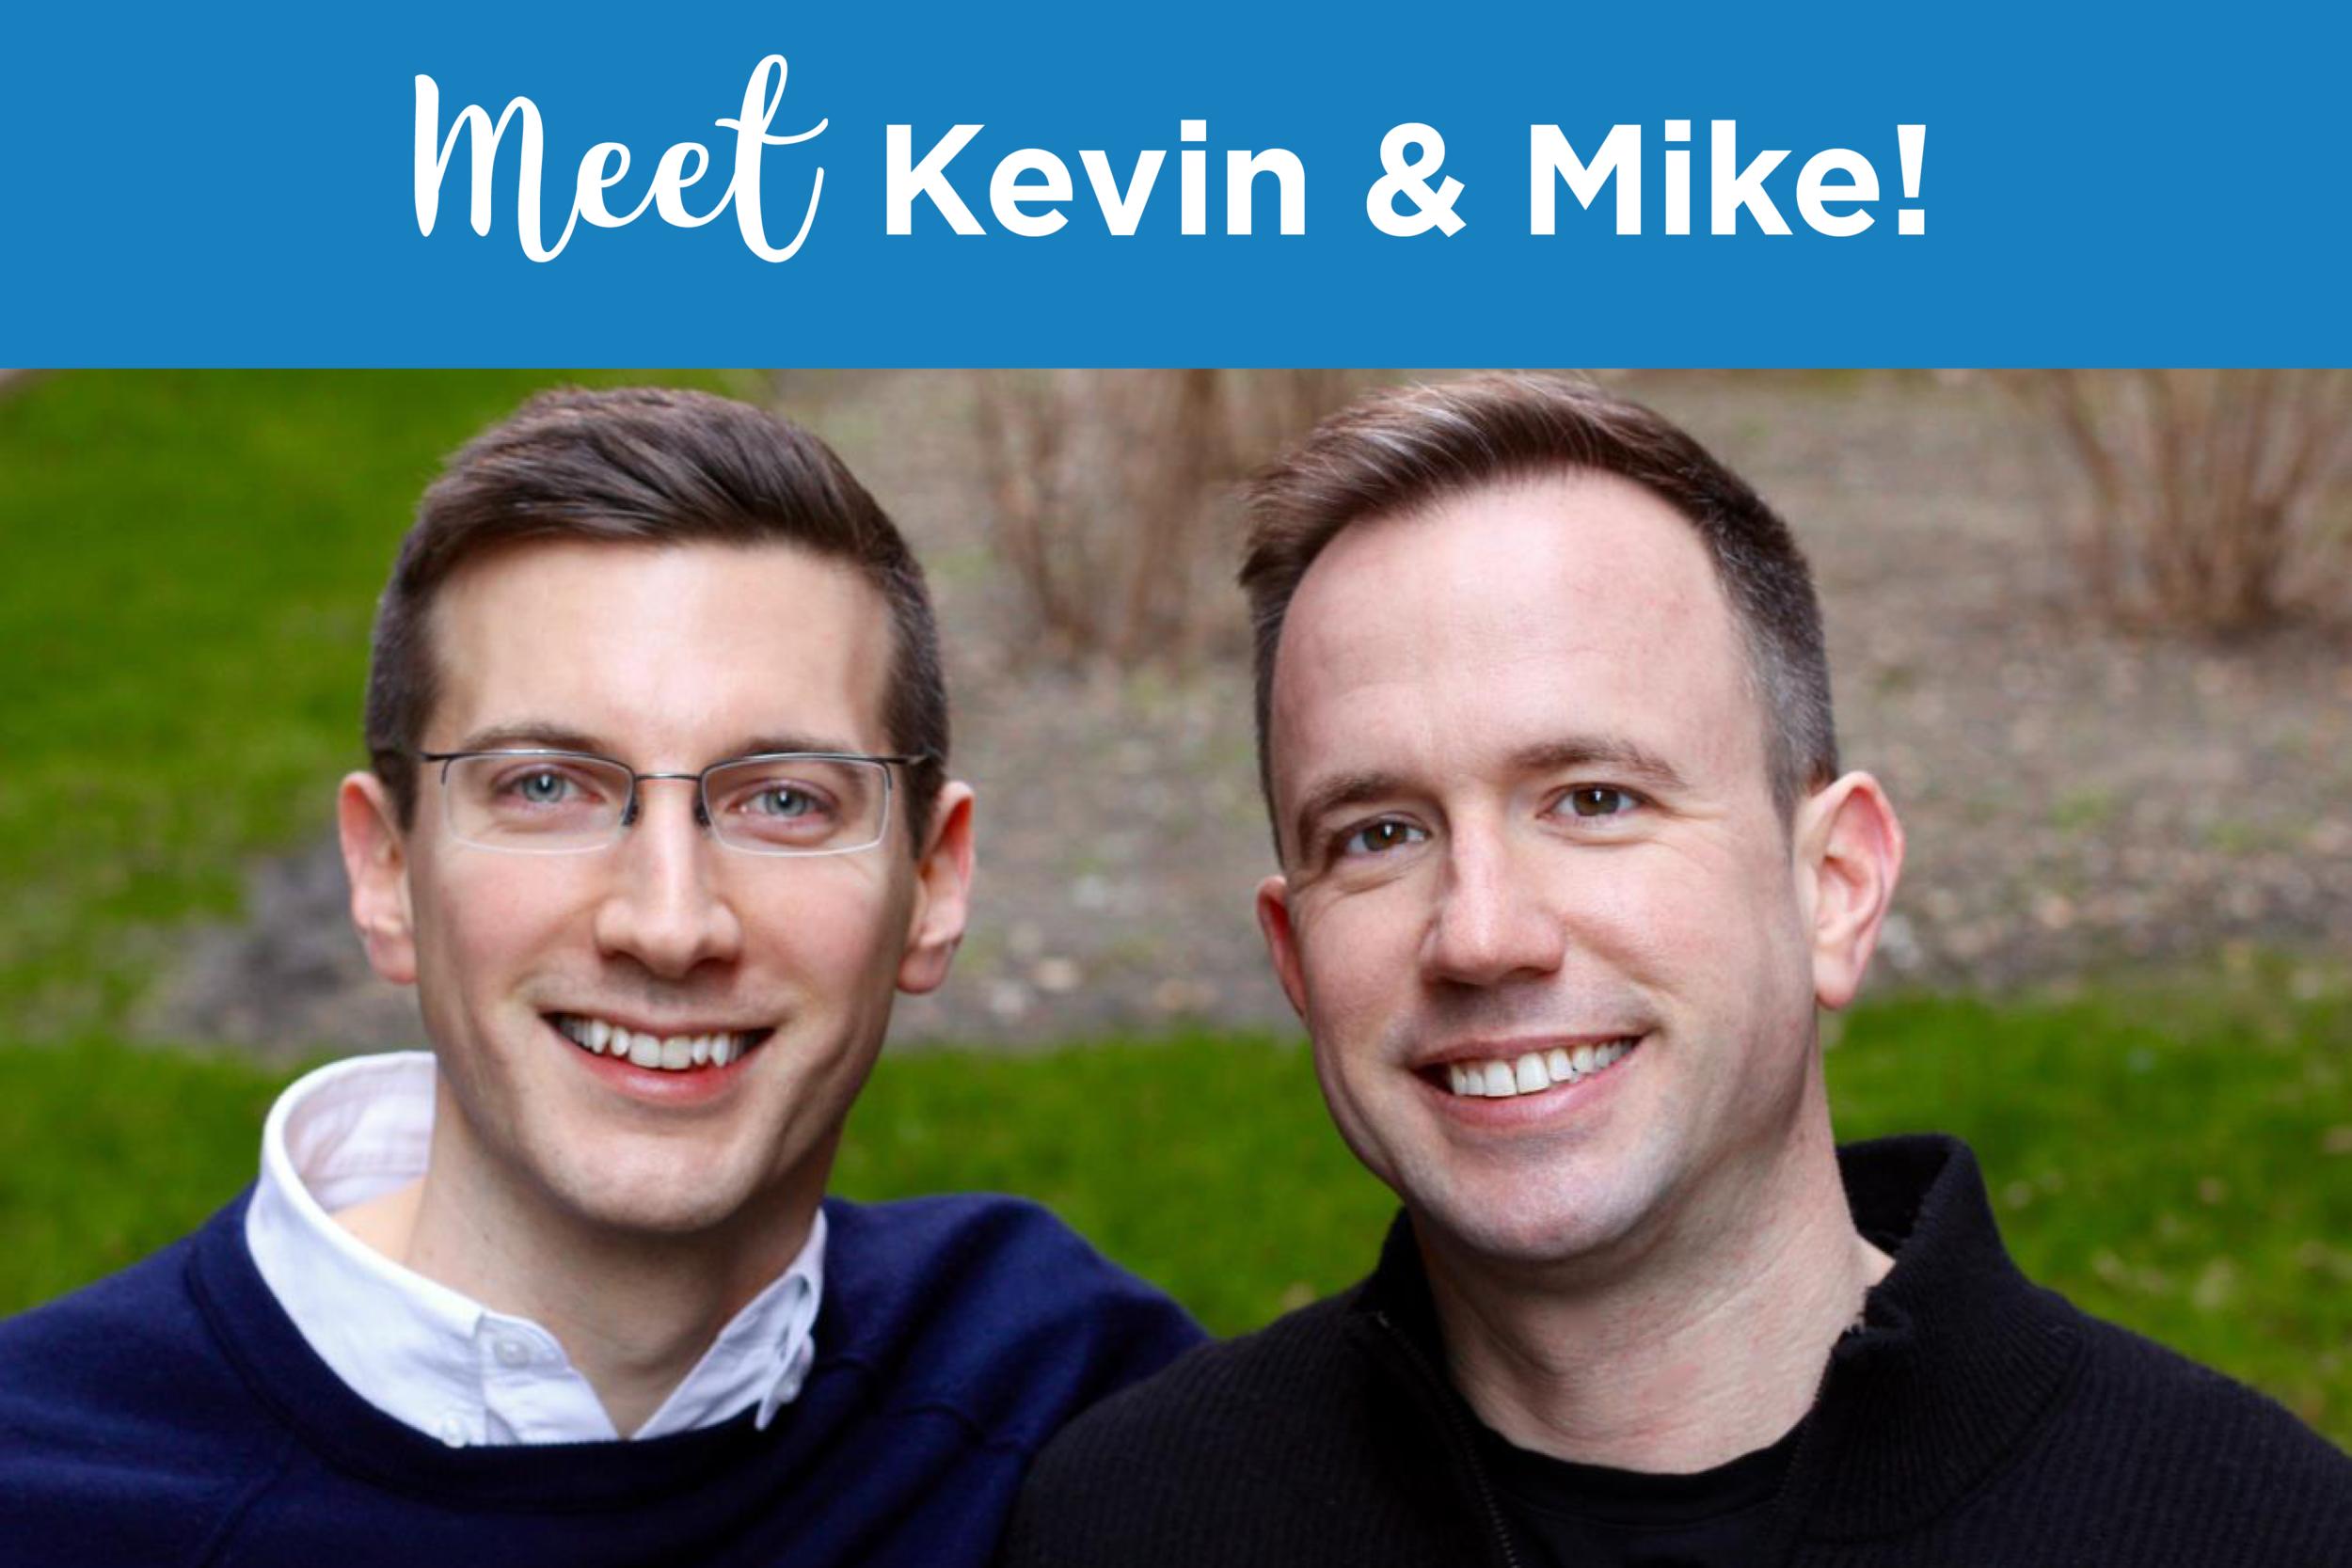 Meet2-KevinMike-2019.png